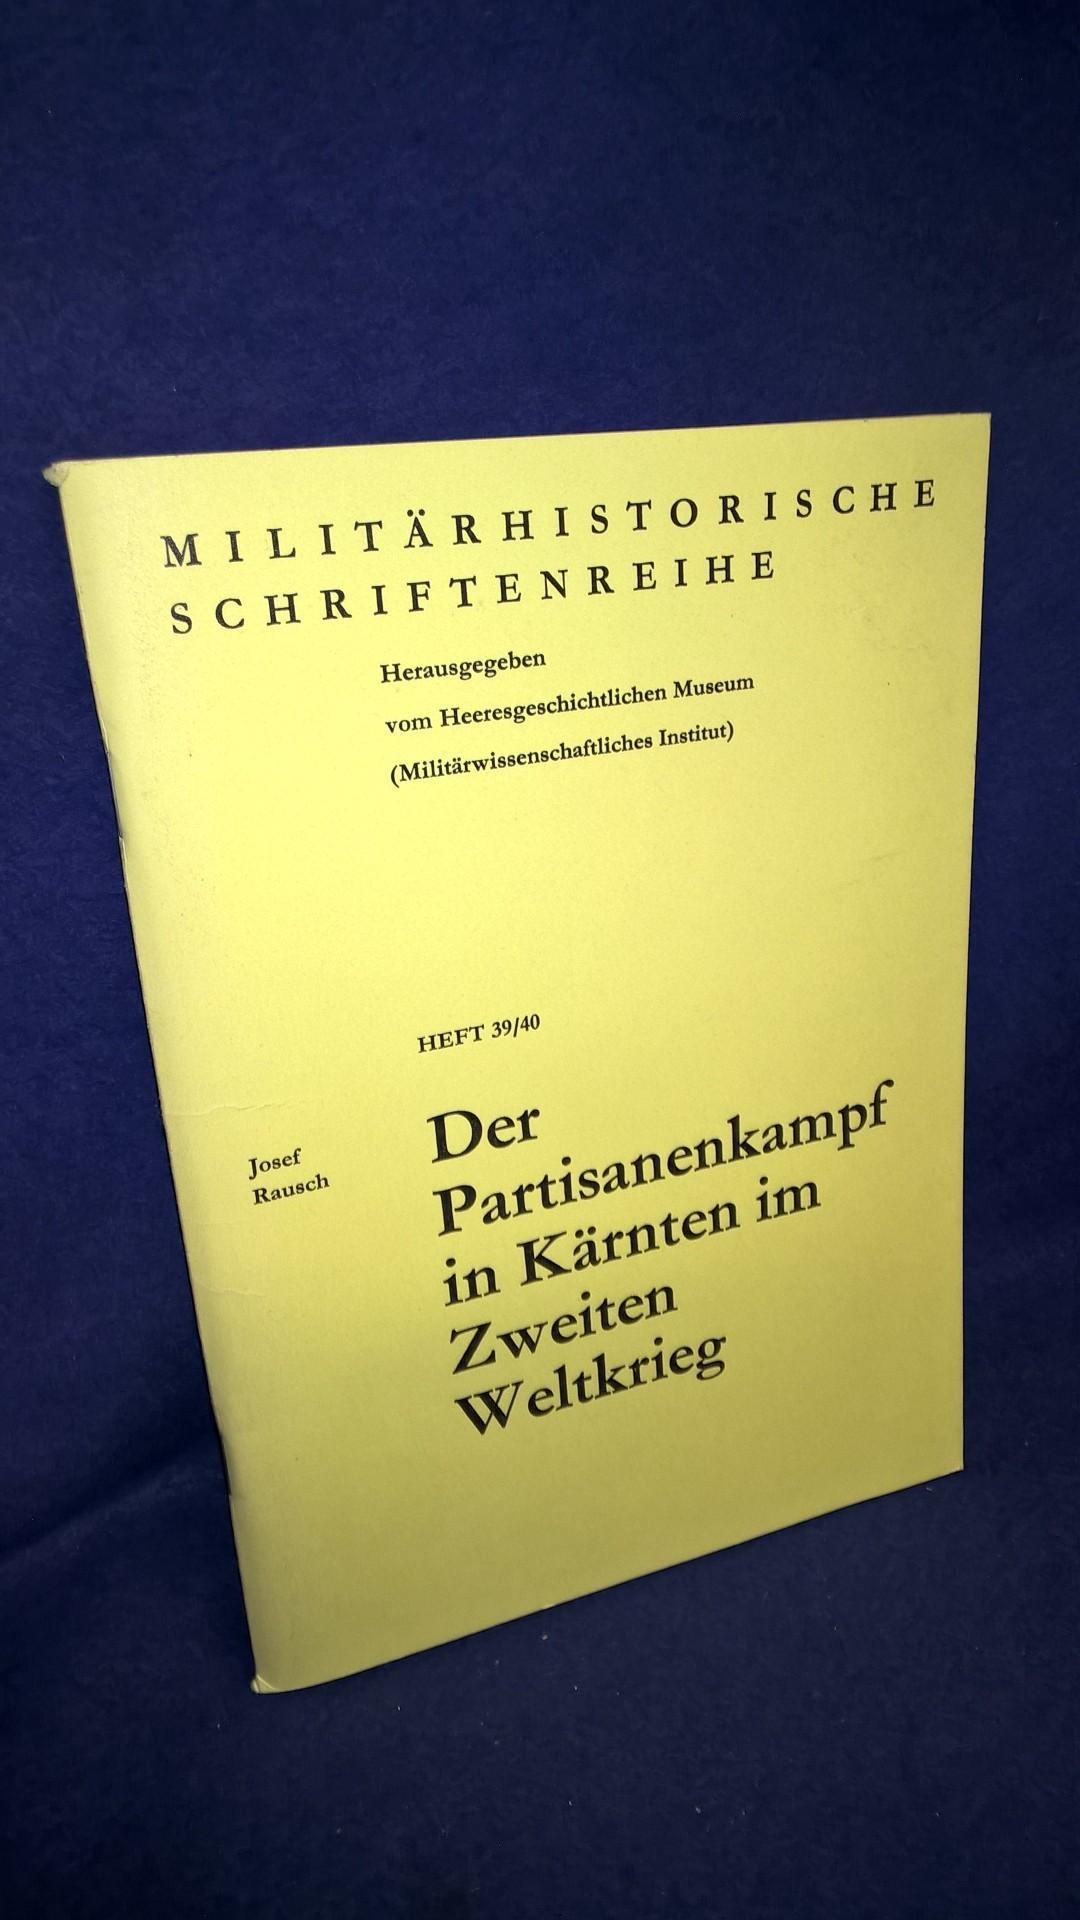 Der Partisanenkampf in Kärnten im Zweiten Weltkrieg